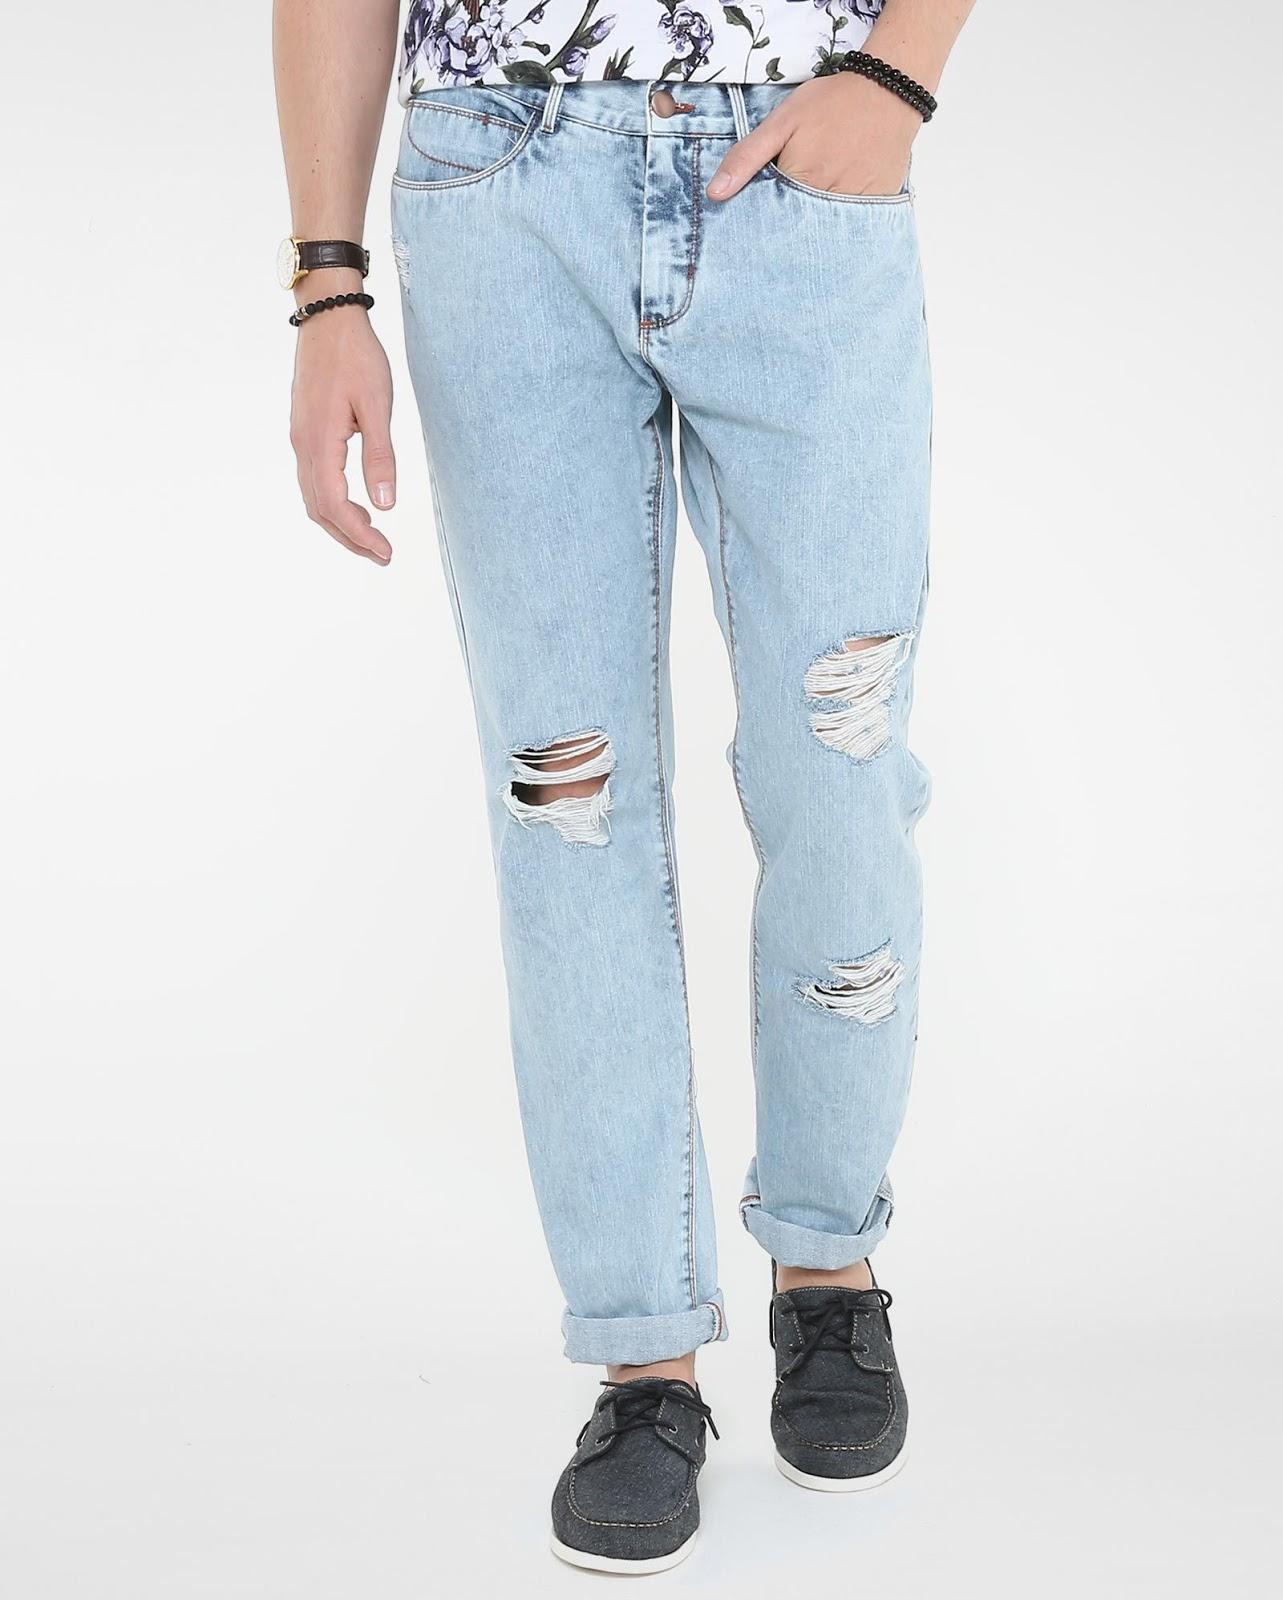 LEO KLEIN - KADU DANTAS PARA RIACHUELO - Calça Jeans Slim Destroyed